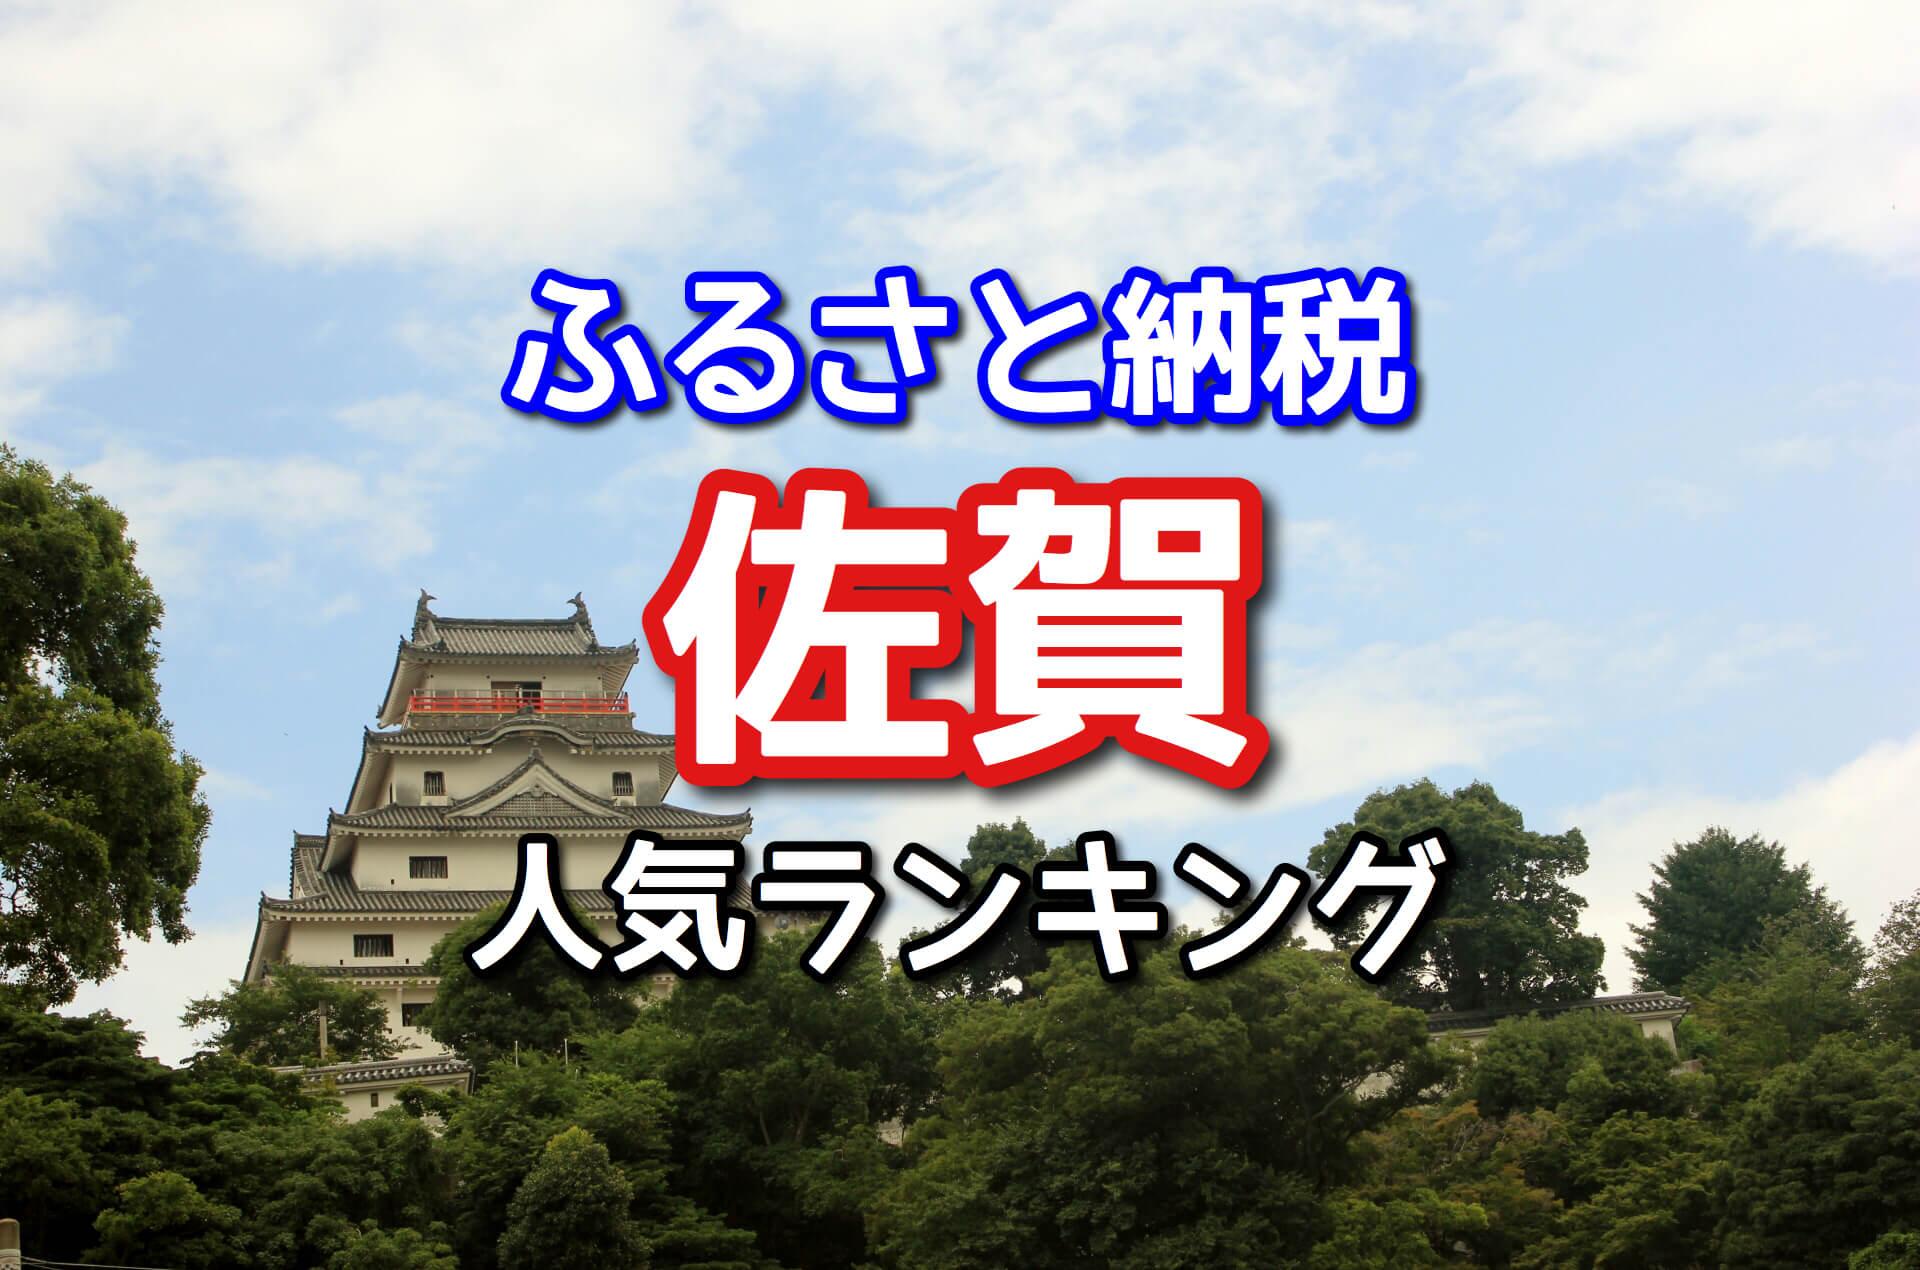 【ふるさと納税】佐賀の返礼品おすすめ10選!人気ランキング2018